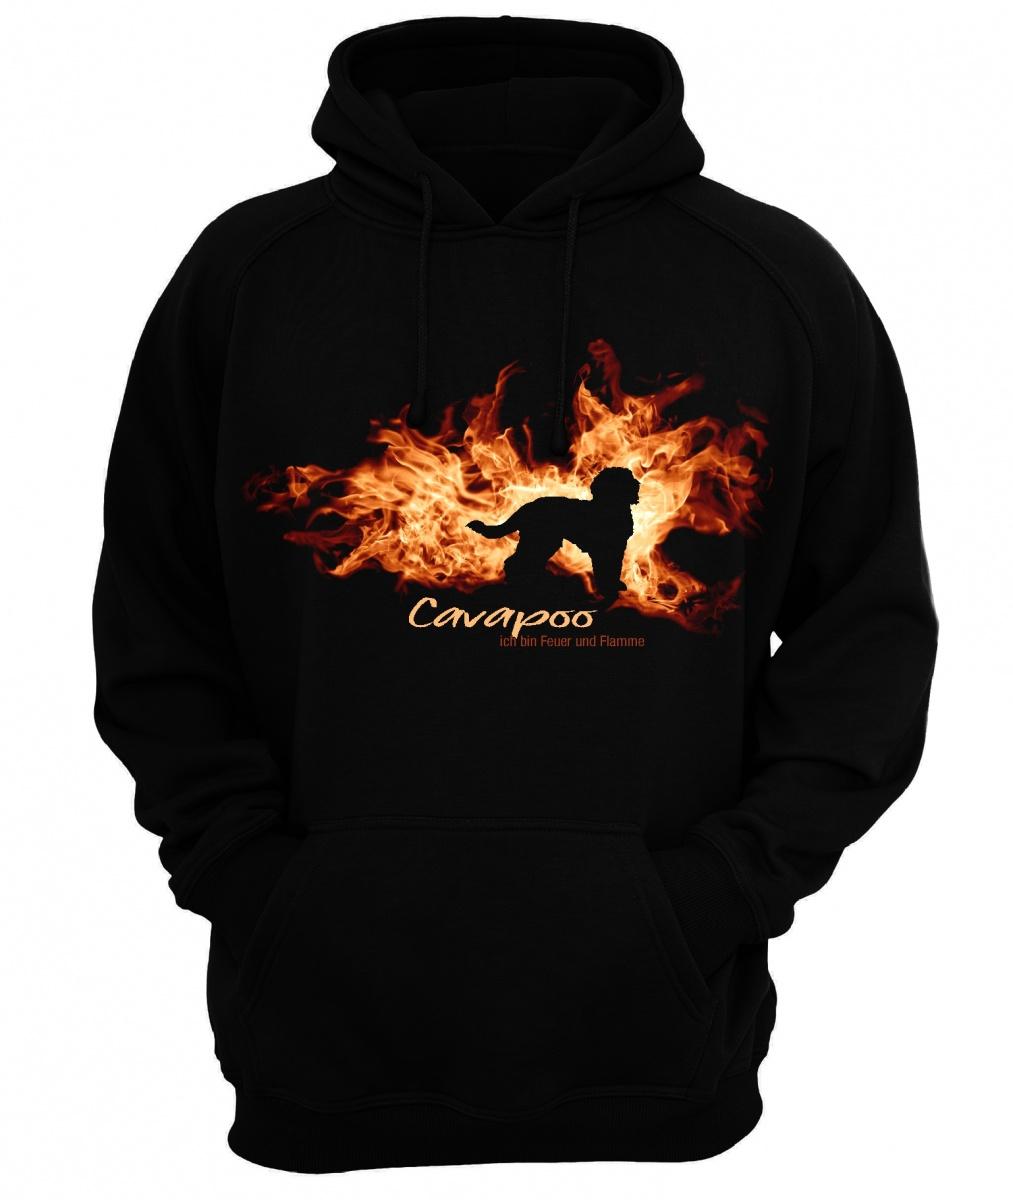 Sweatshirt CAVAPOO FEUER UND FLAMME by Siviwonder Hoodie   | Modisch  | Shopping Online  | Üppiges Design